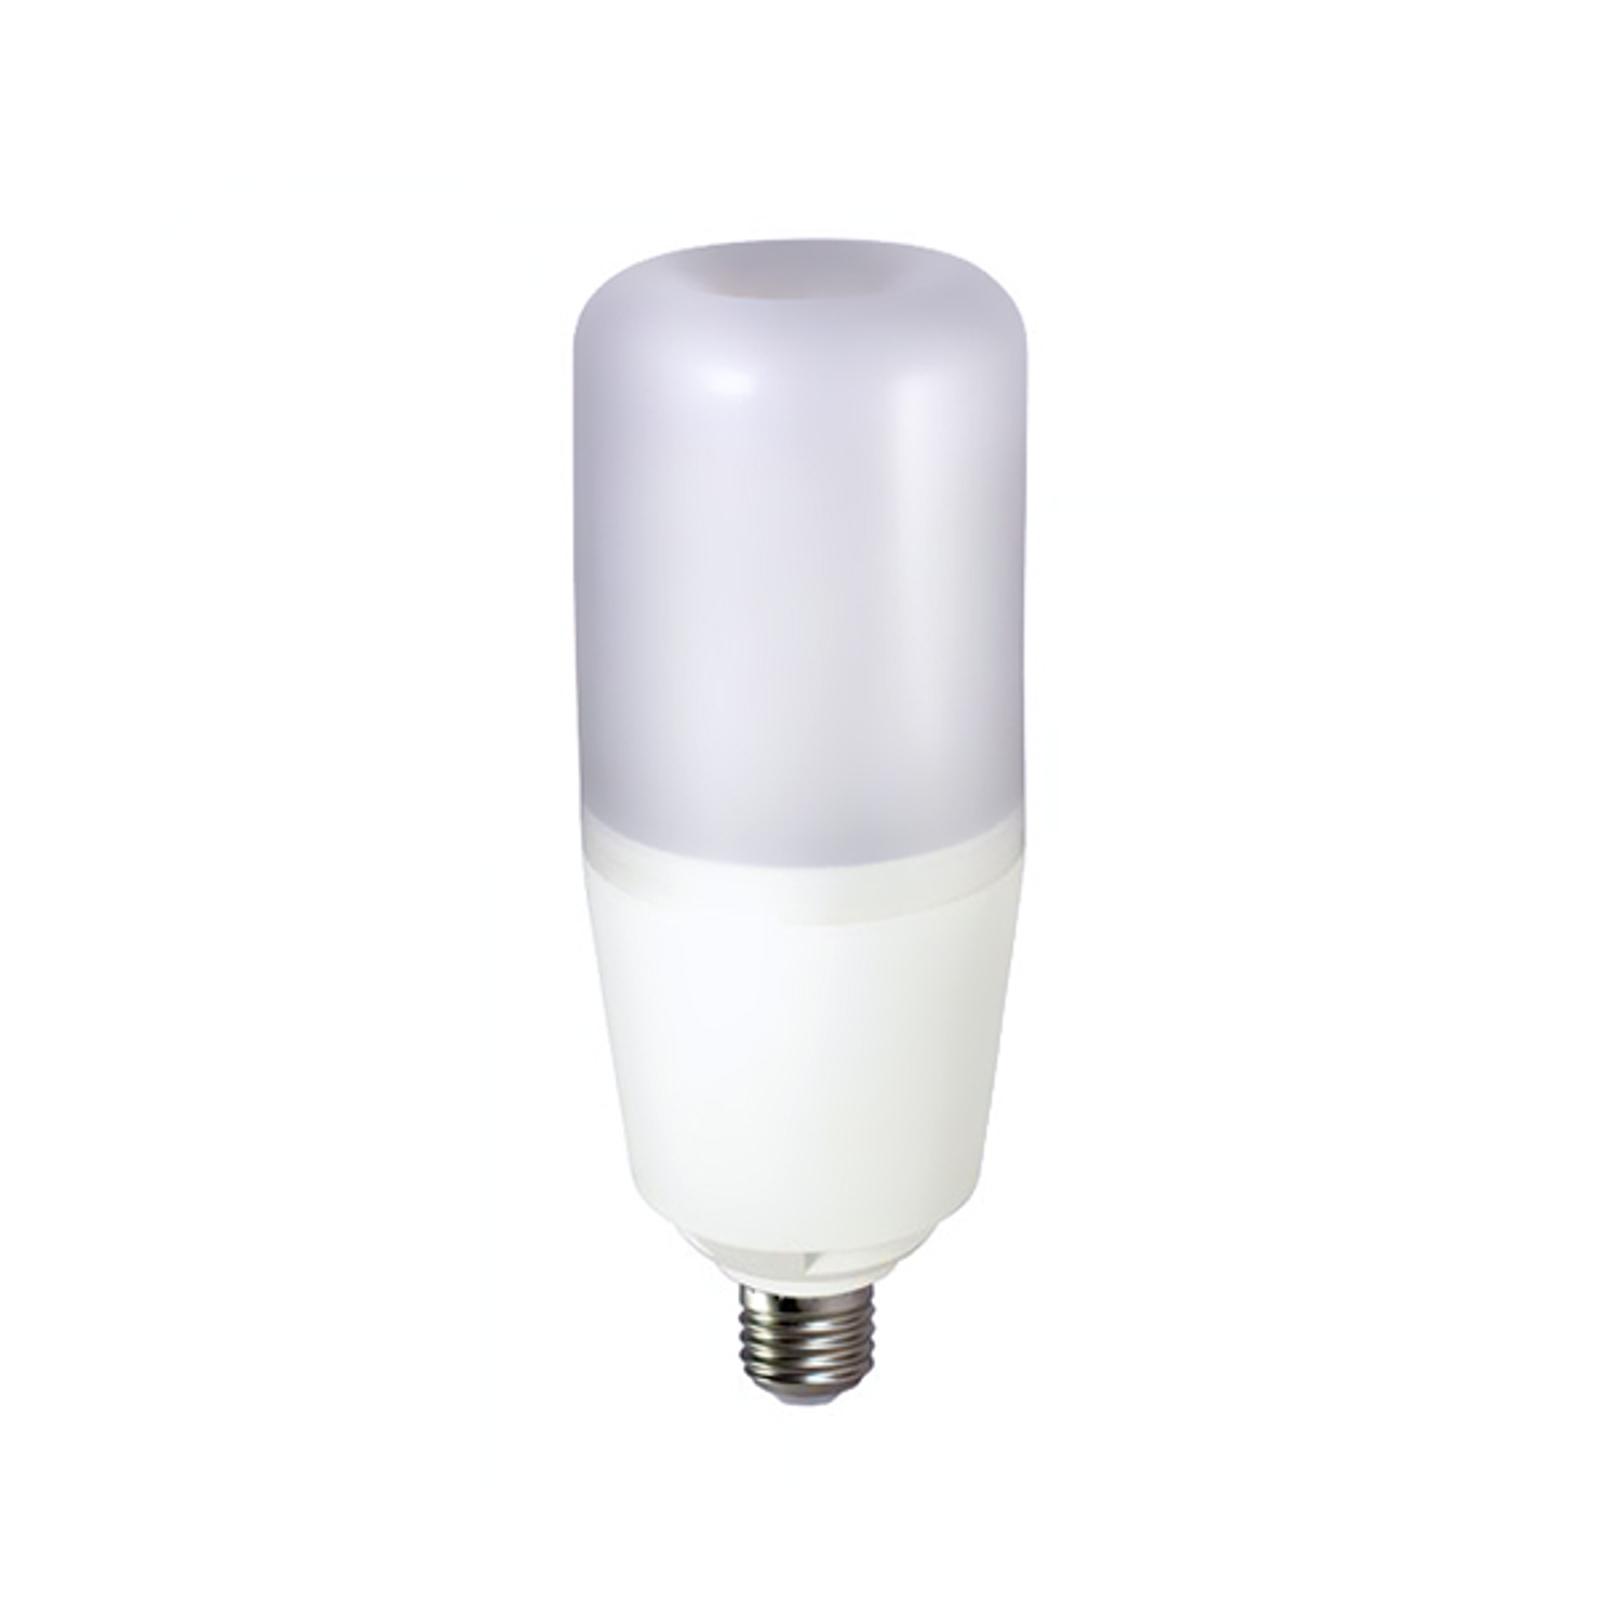 Lampadina LED E27 30 W 840 NUMO opaca, 218 mm